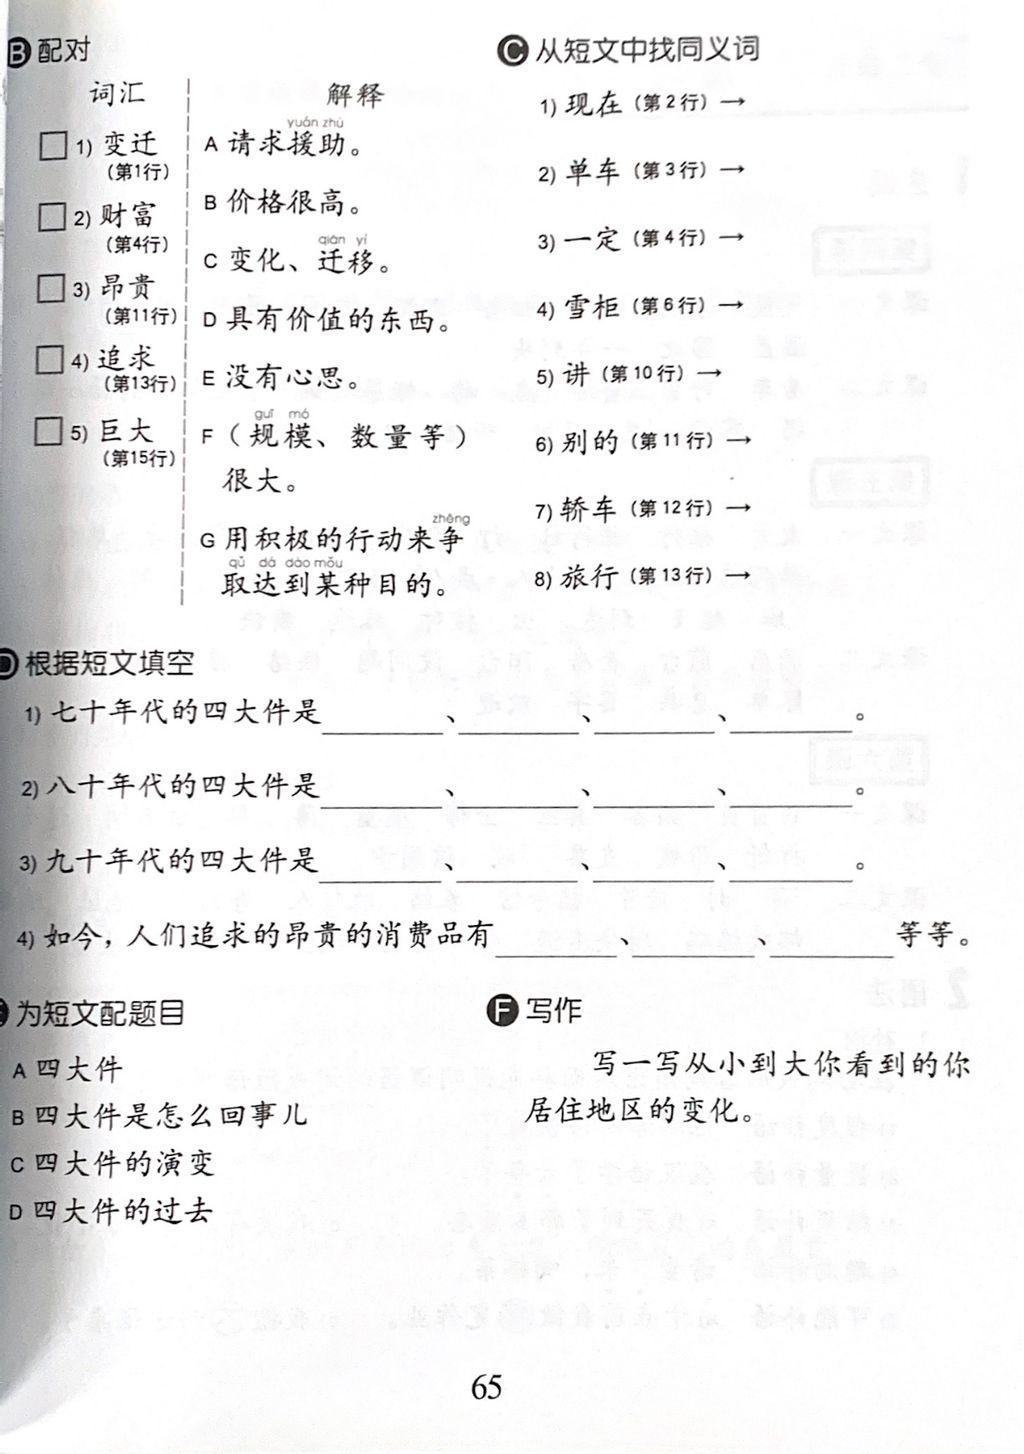 F6A13919-CC85-431A-999A-1C2BD32D46B3.jpeg